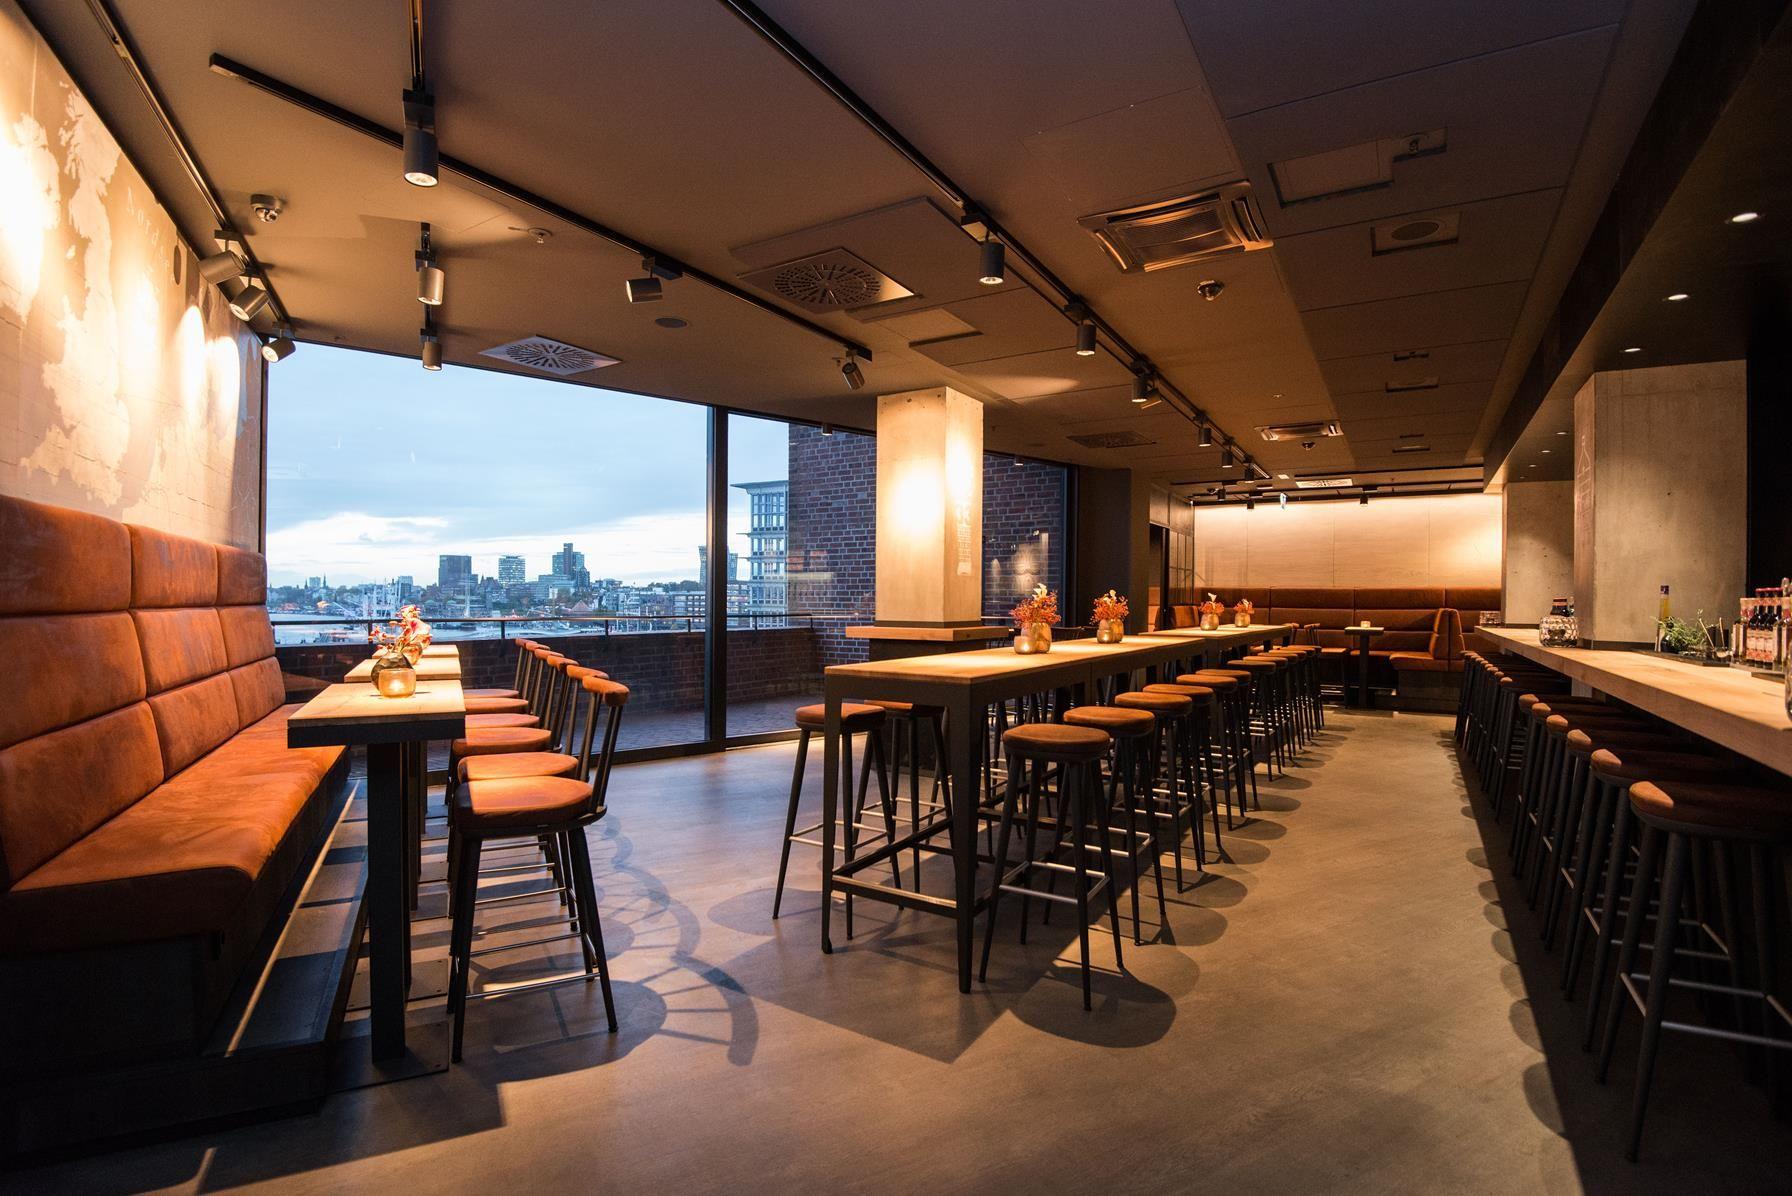 Der Barbereich Des Restaurant Beer Dine Die Szenische Blendungsfreie Und Fokussierte Beleuchtung Der Raumobjekte Und Tisc Designkonzepte Led Technik Design